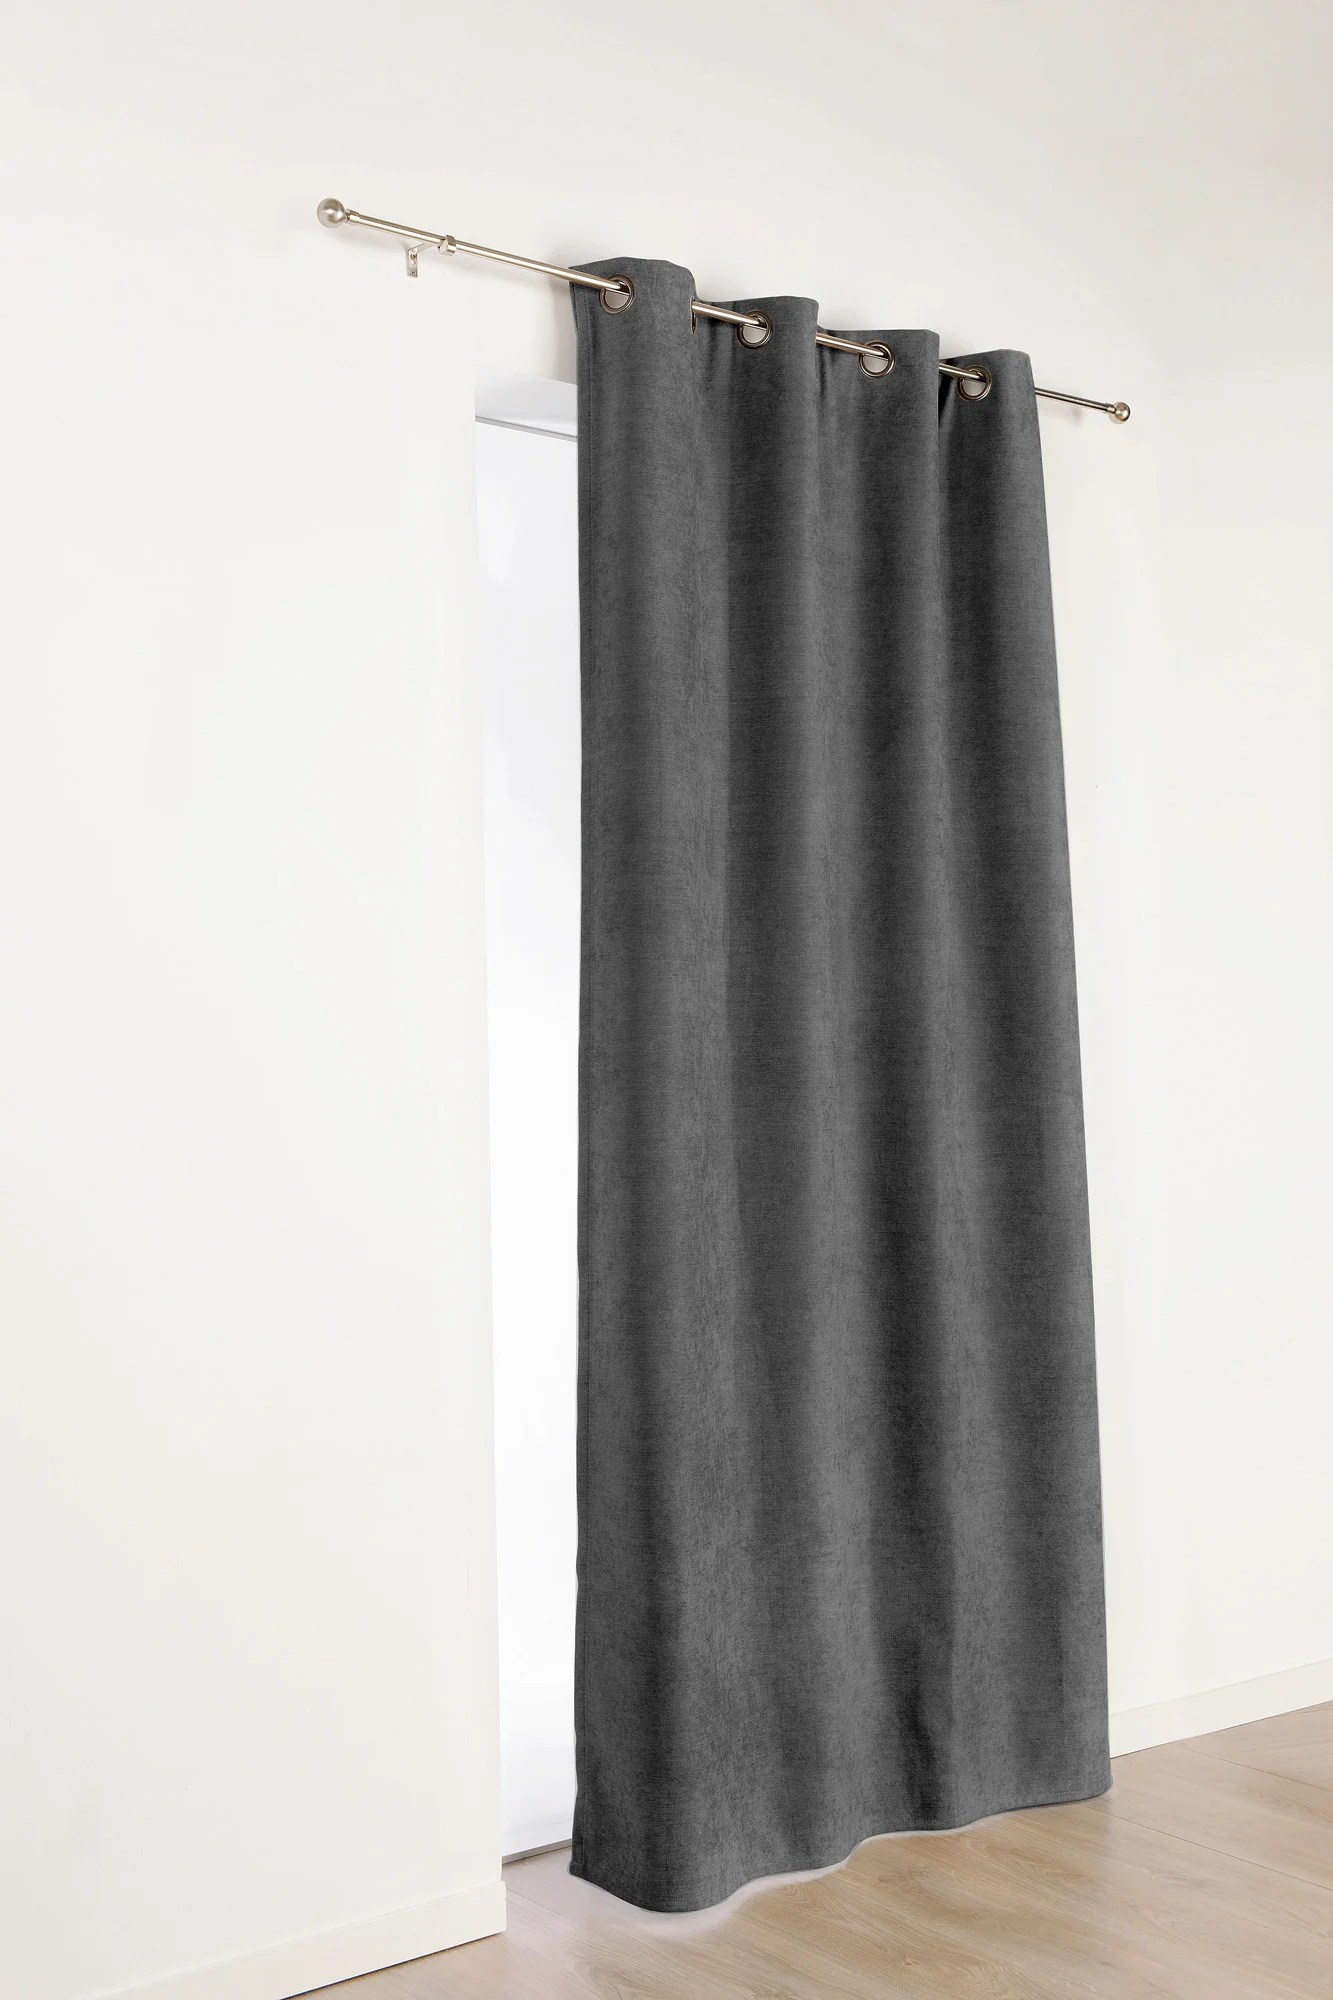 rideau occultant thermique alaska gris anthracite l 140 x h 350 cm